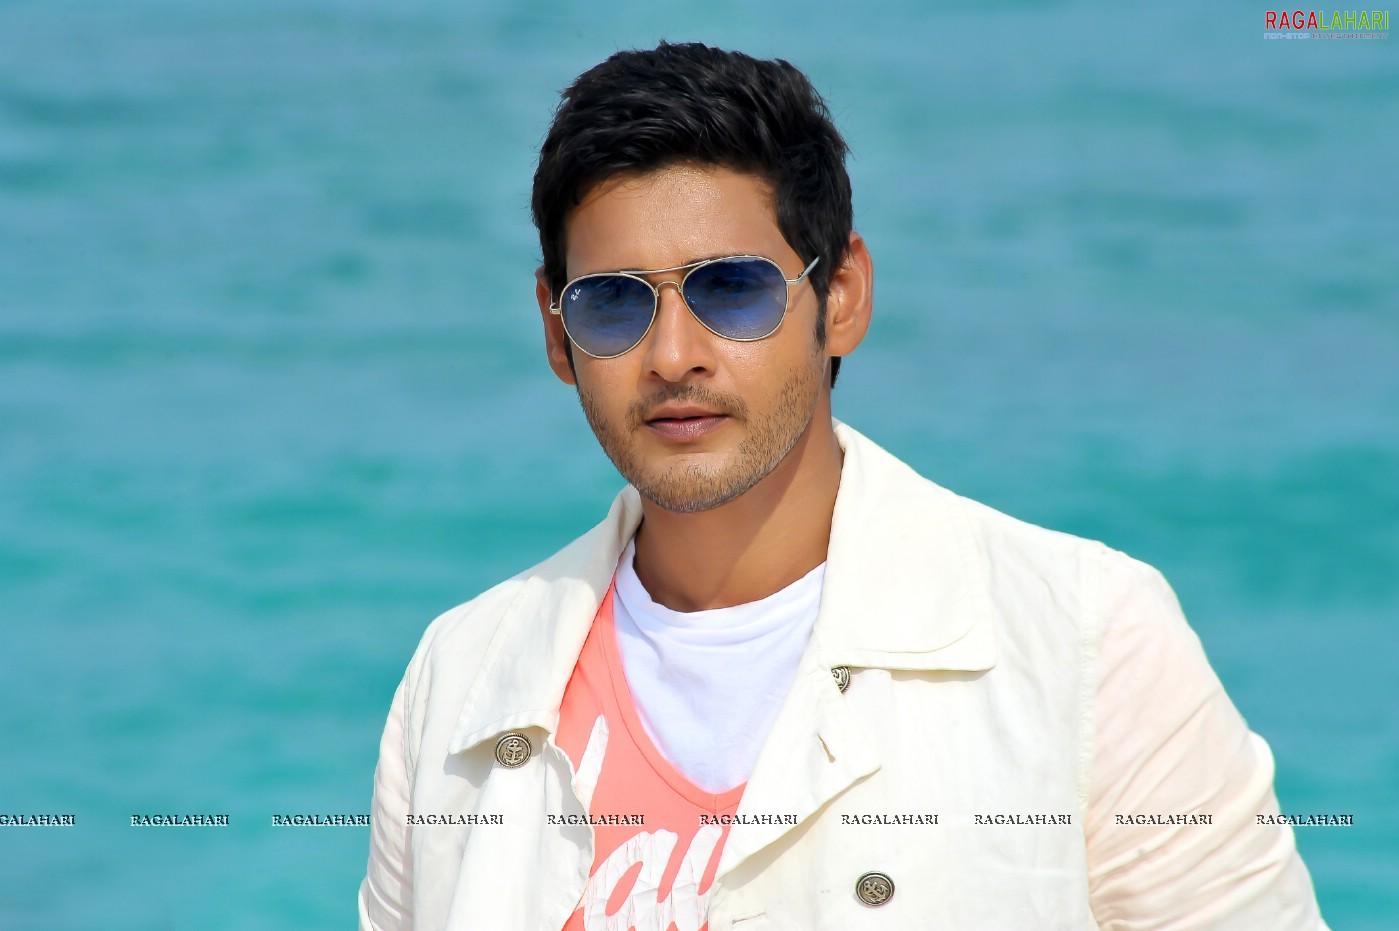 mahesh babu (posters) image 8 | telugu actor photos,images, photos